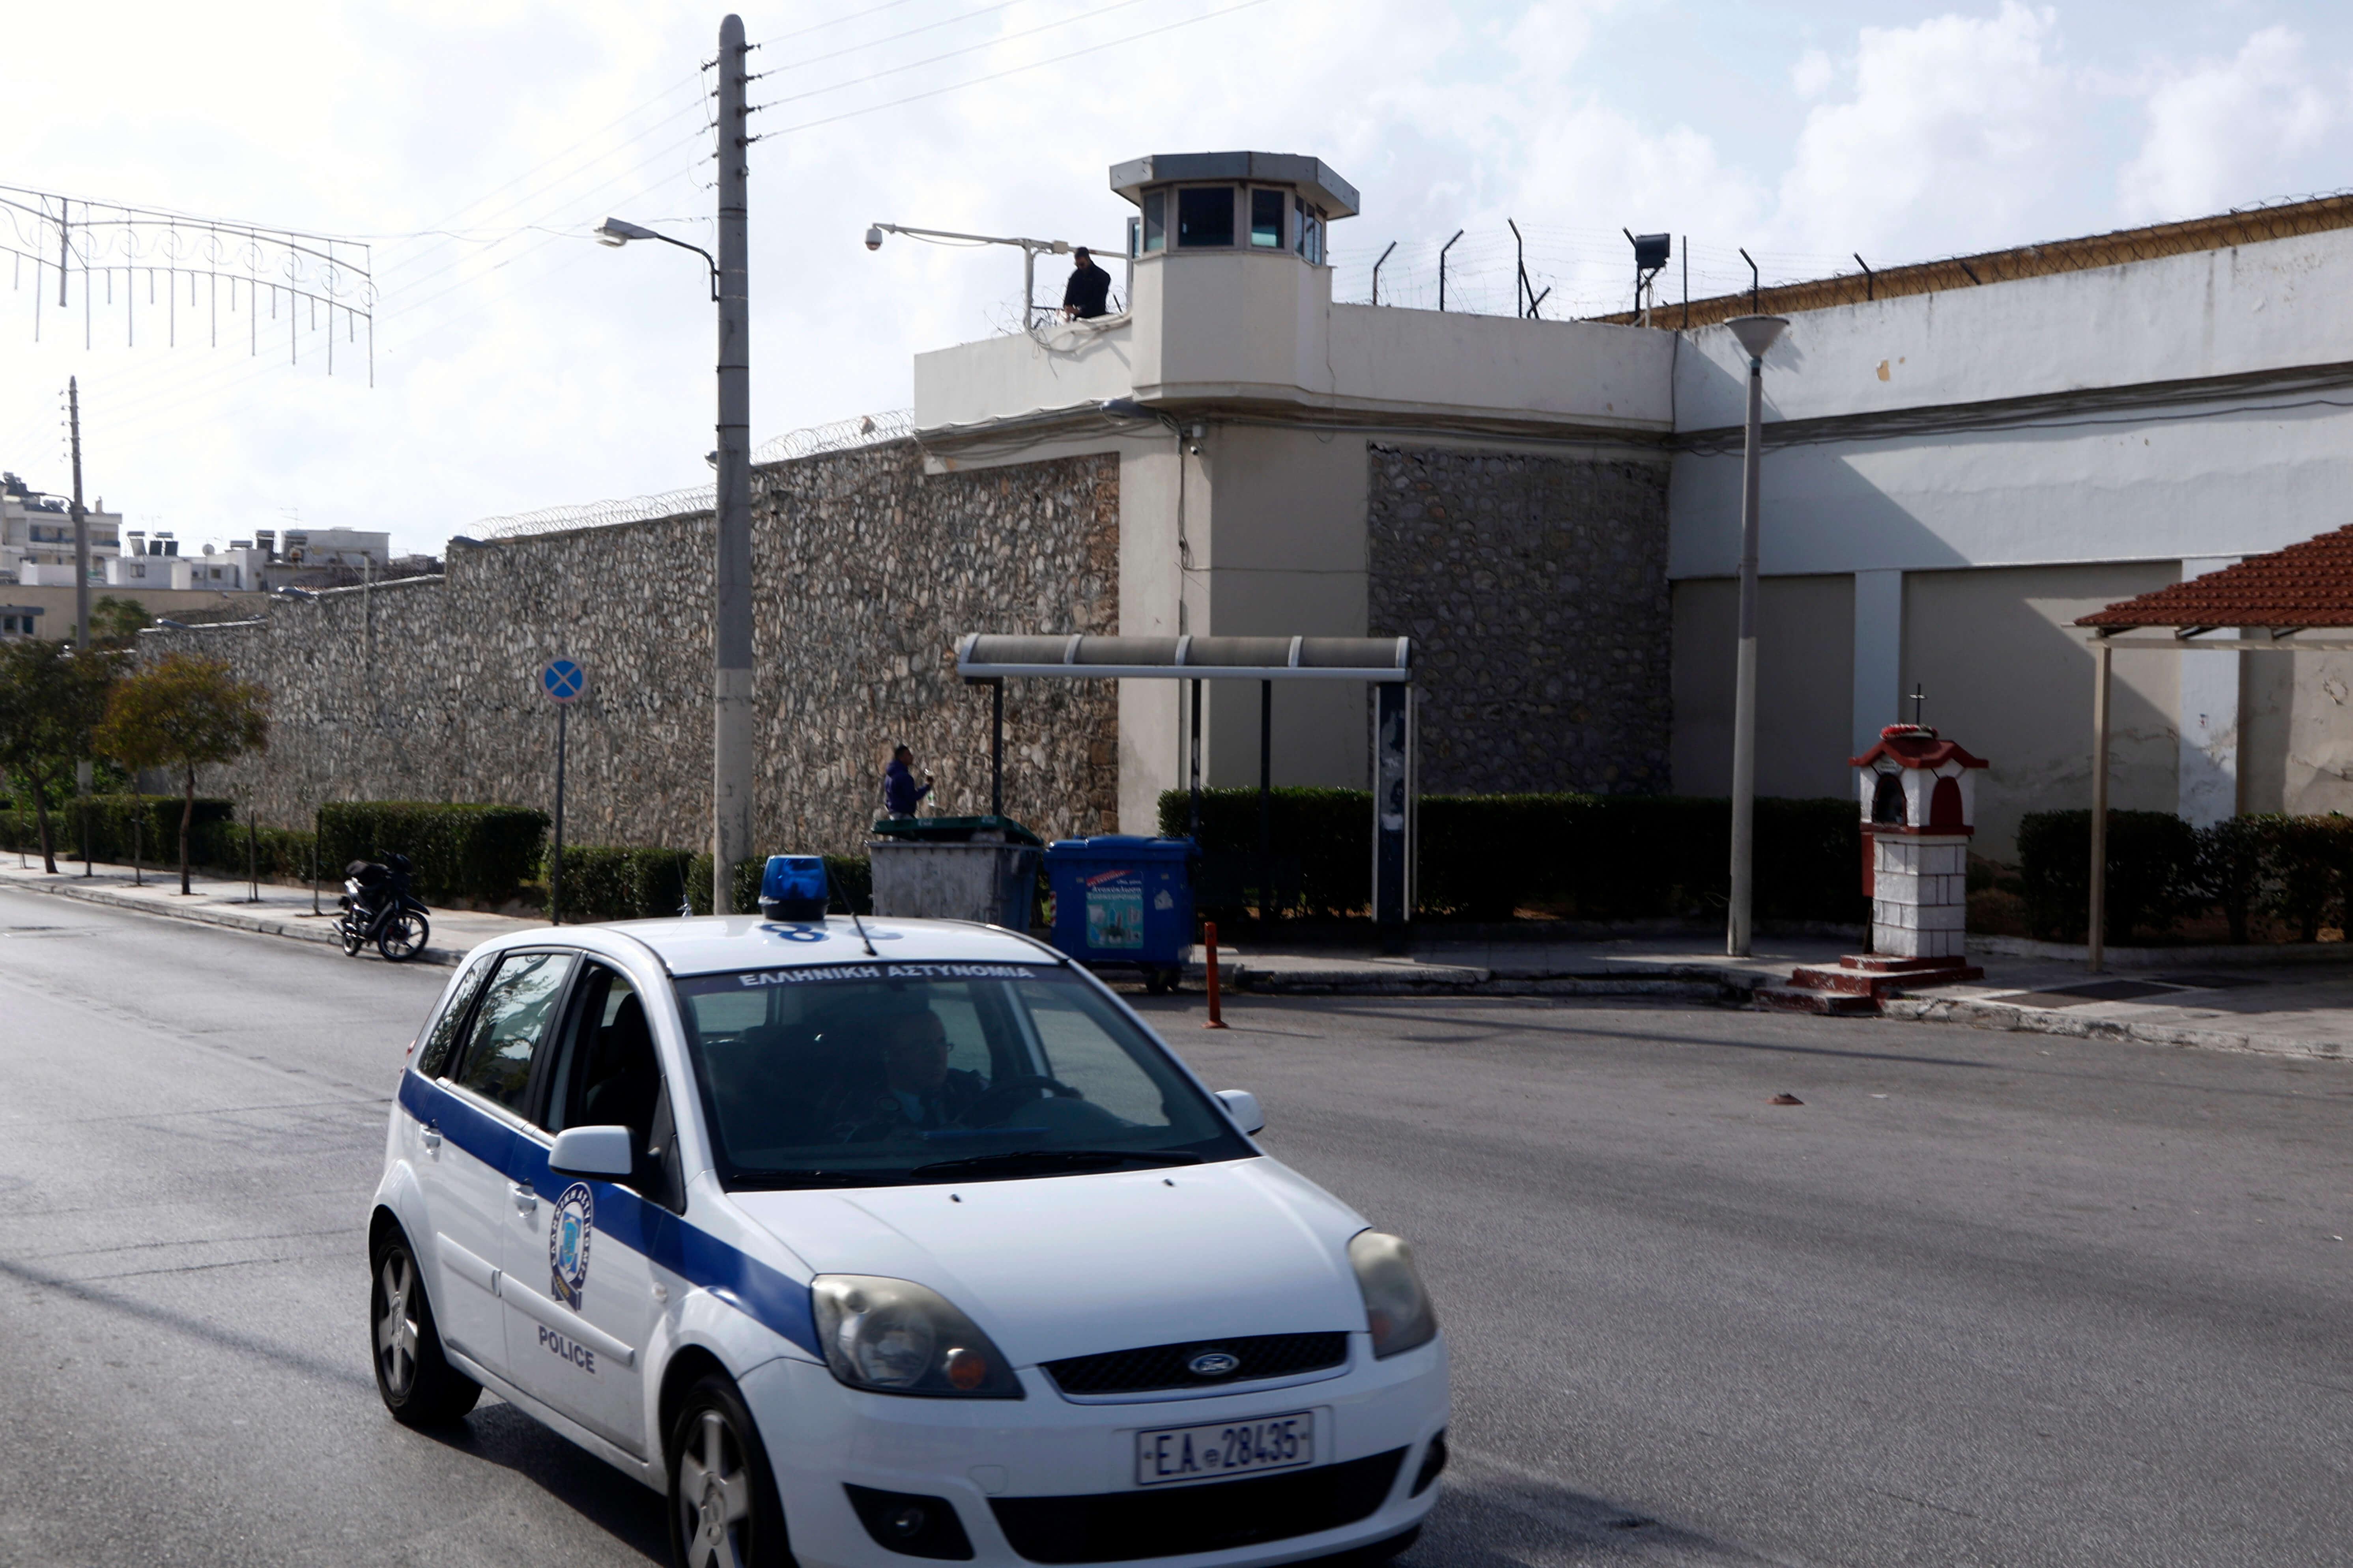 """Μαφία φυλακών Κορυδαλλού: Δολοφόνησαν τον συνεργό του """"αρχηγού"""""""